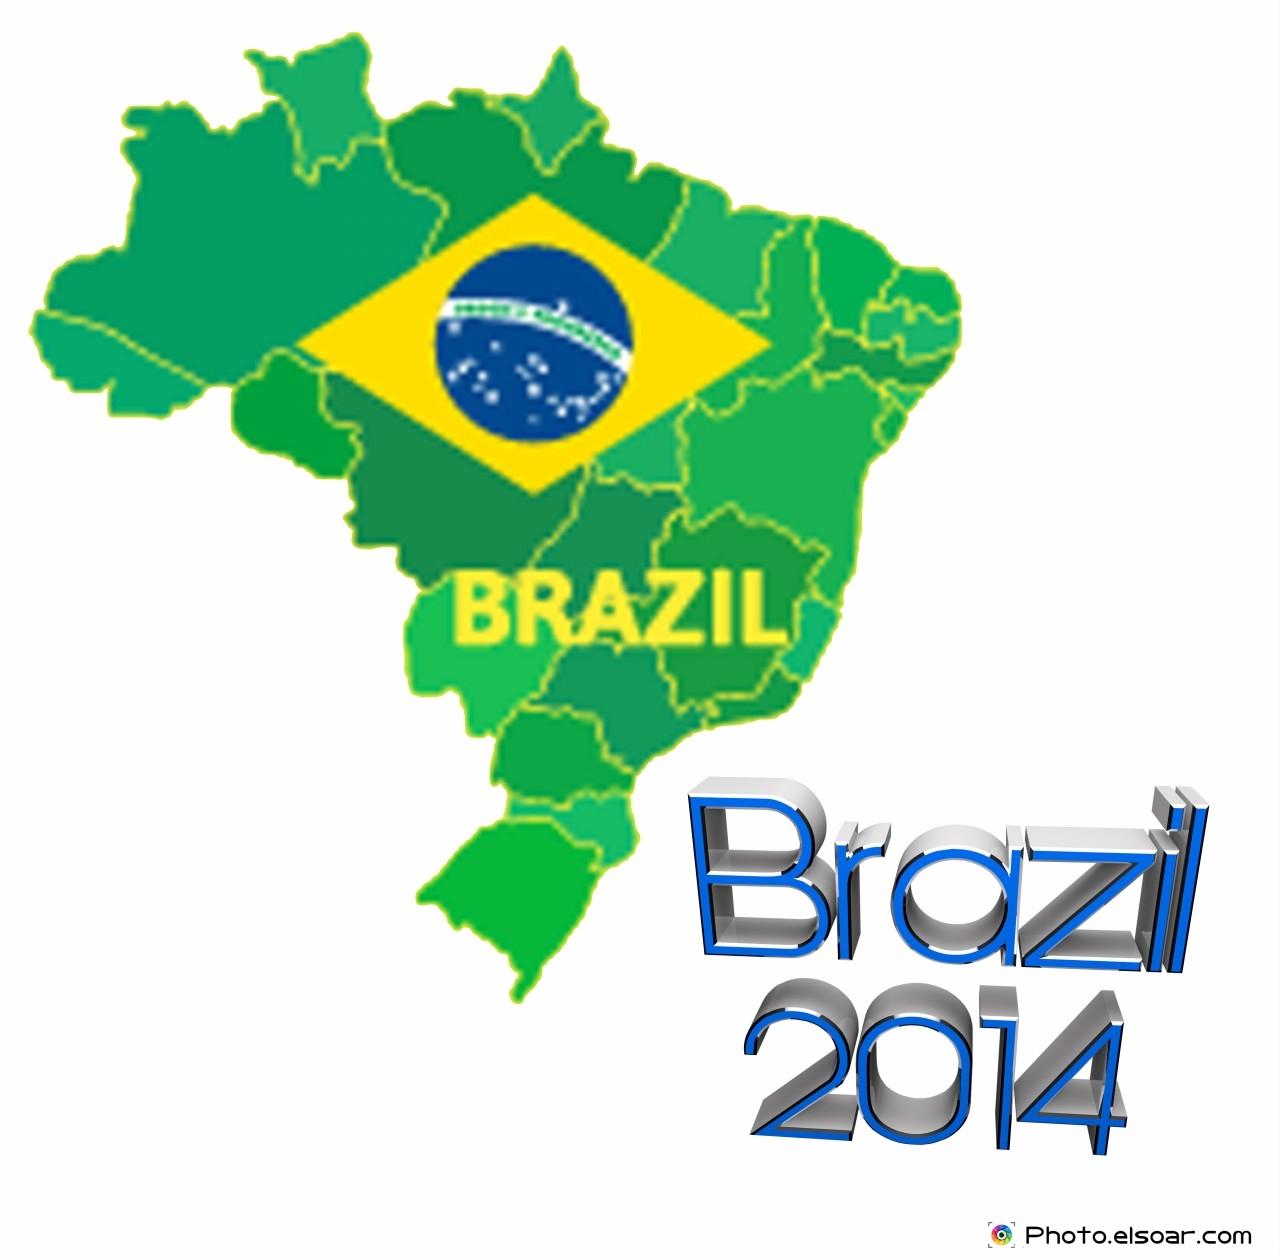 brazil map wallpaper - photo #27